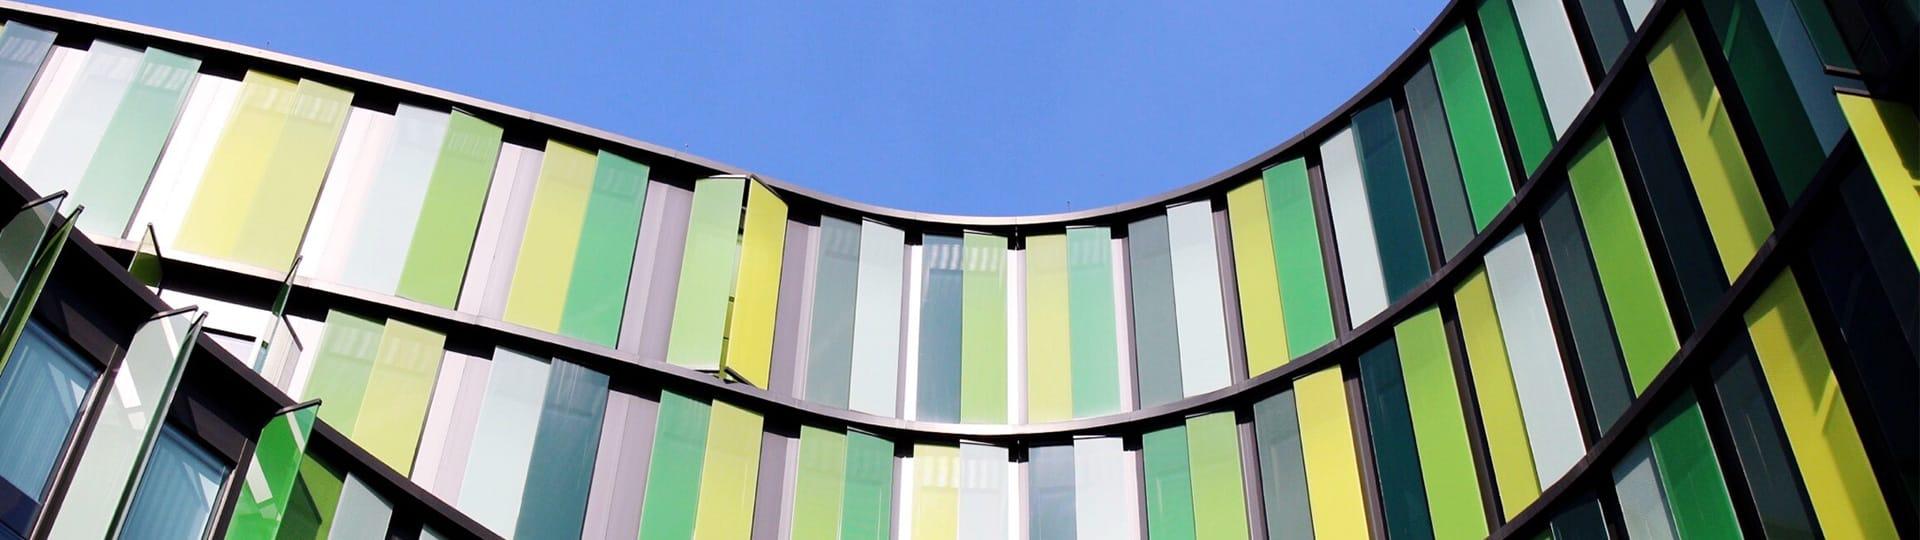 Kovári Szabadalmi és Védjegy Iroda Formatervezési minta (Design)